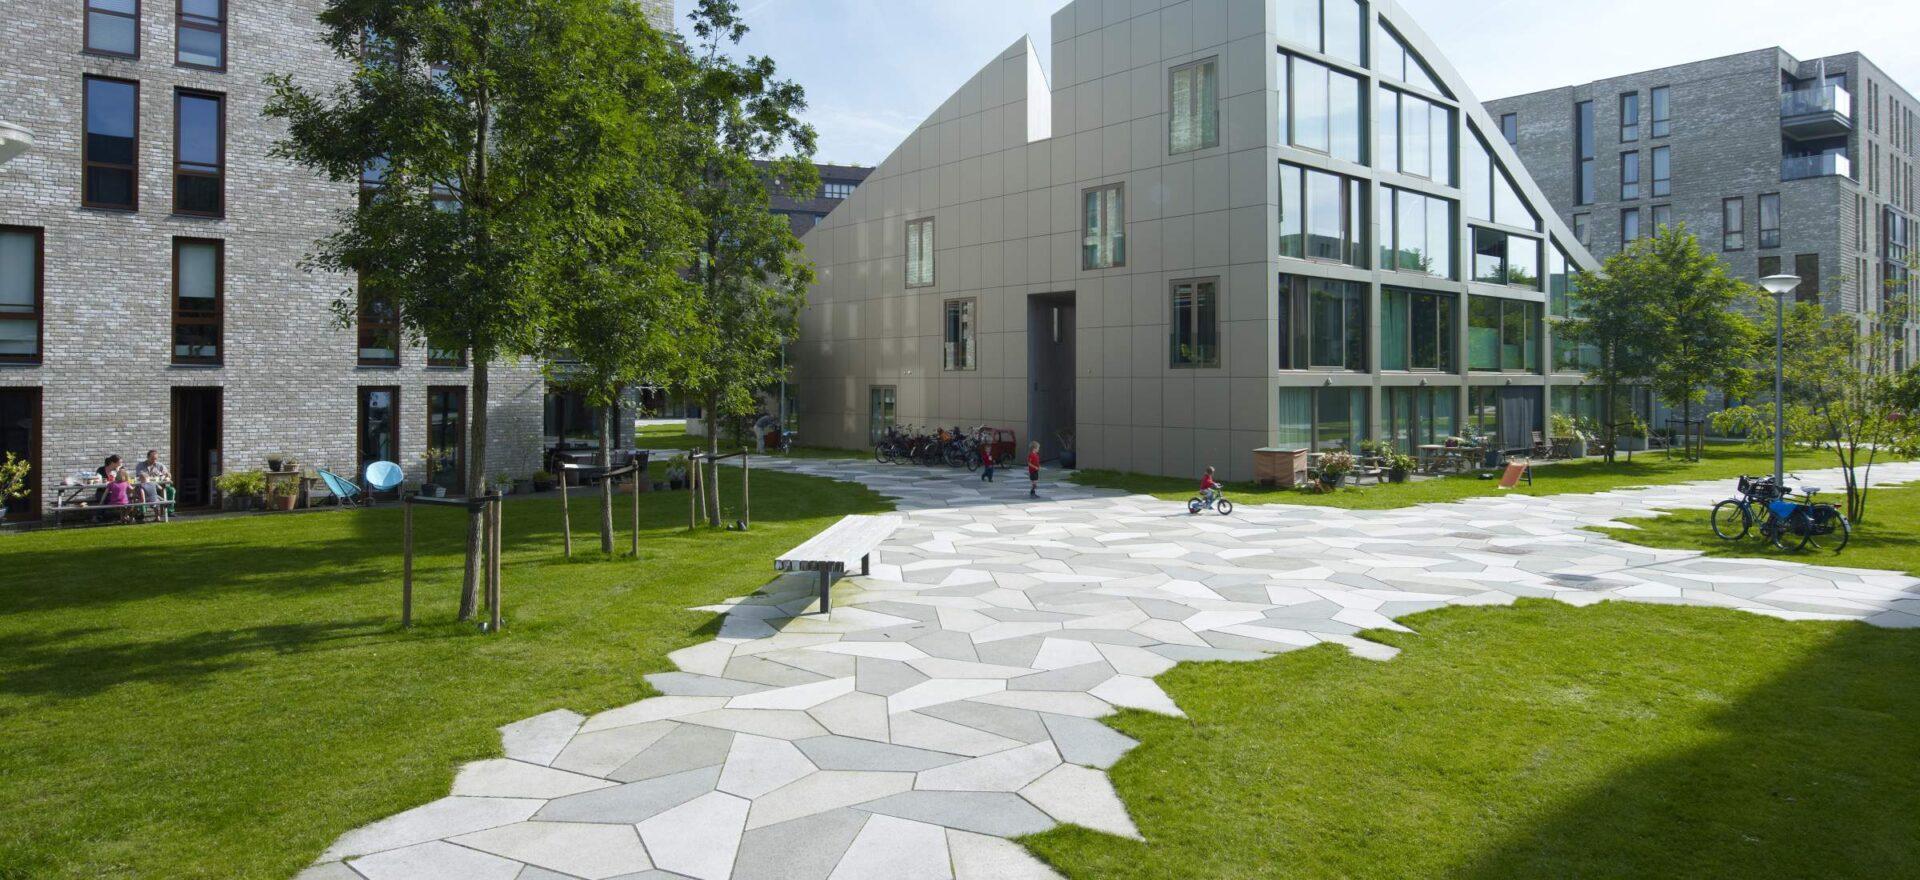 LANDLAB FUNEN_NL block_photo by Jeroen Musch